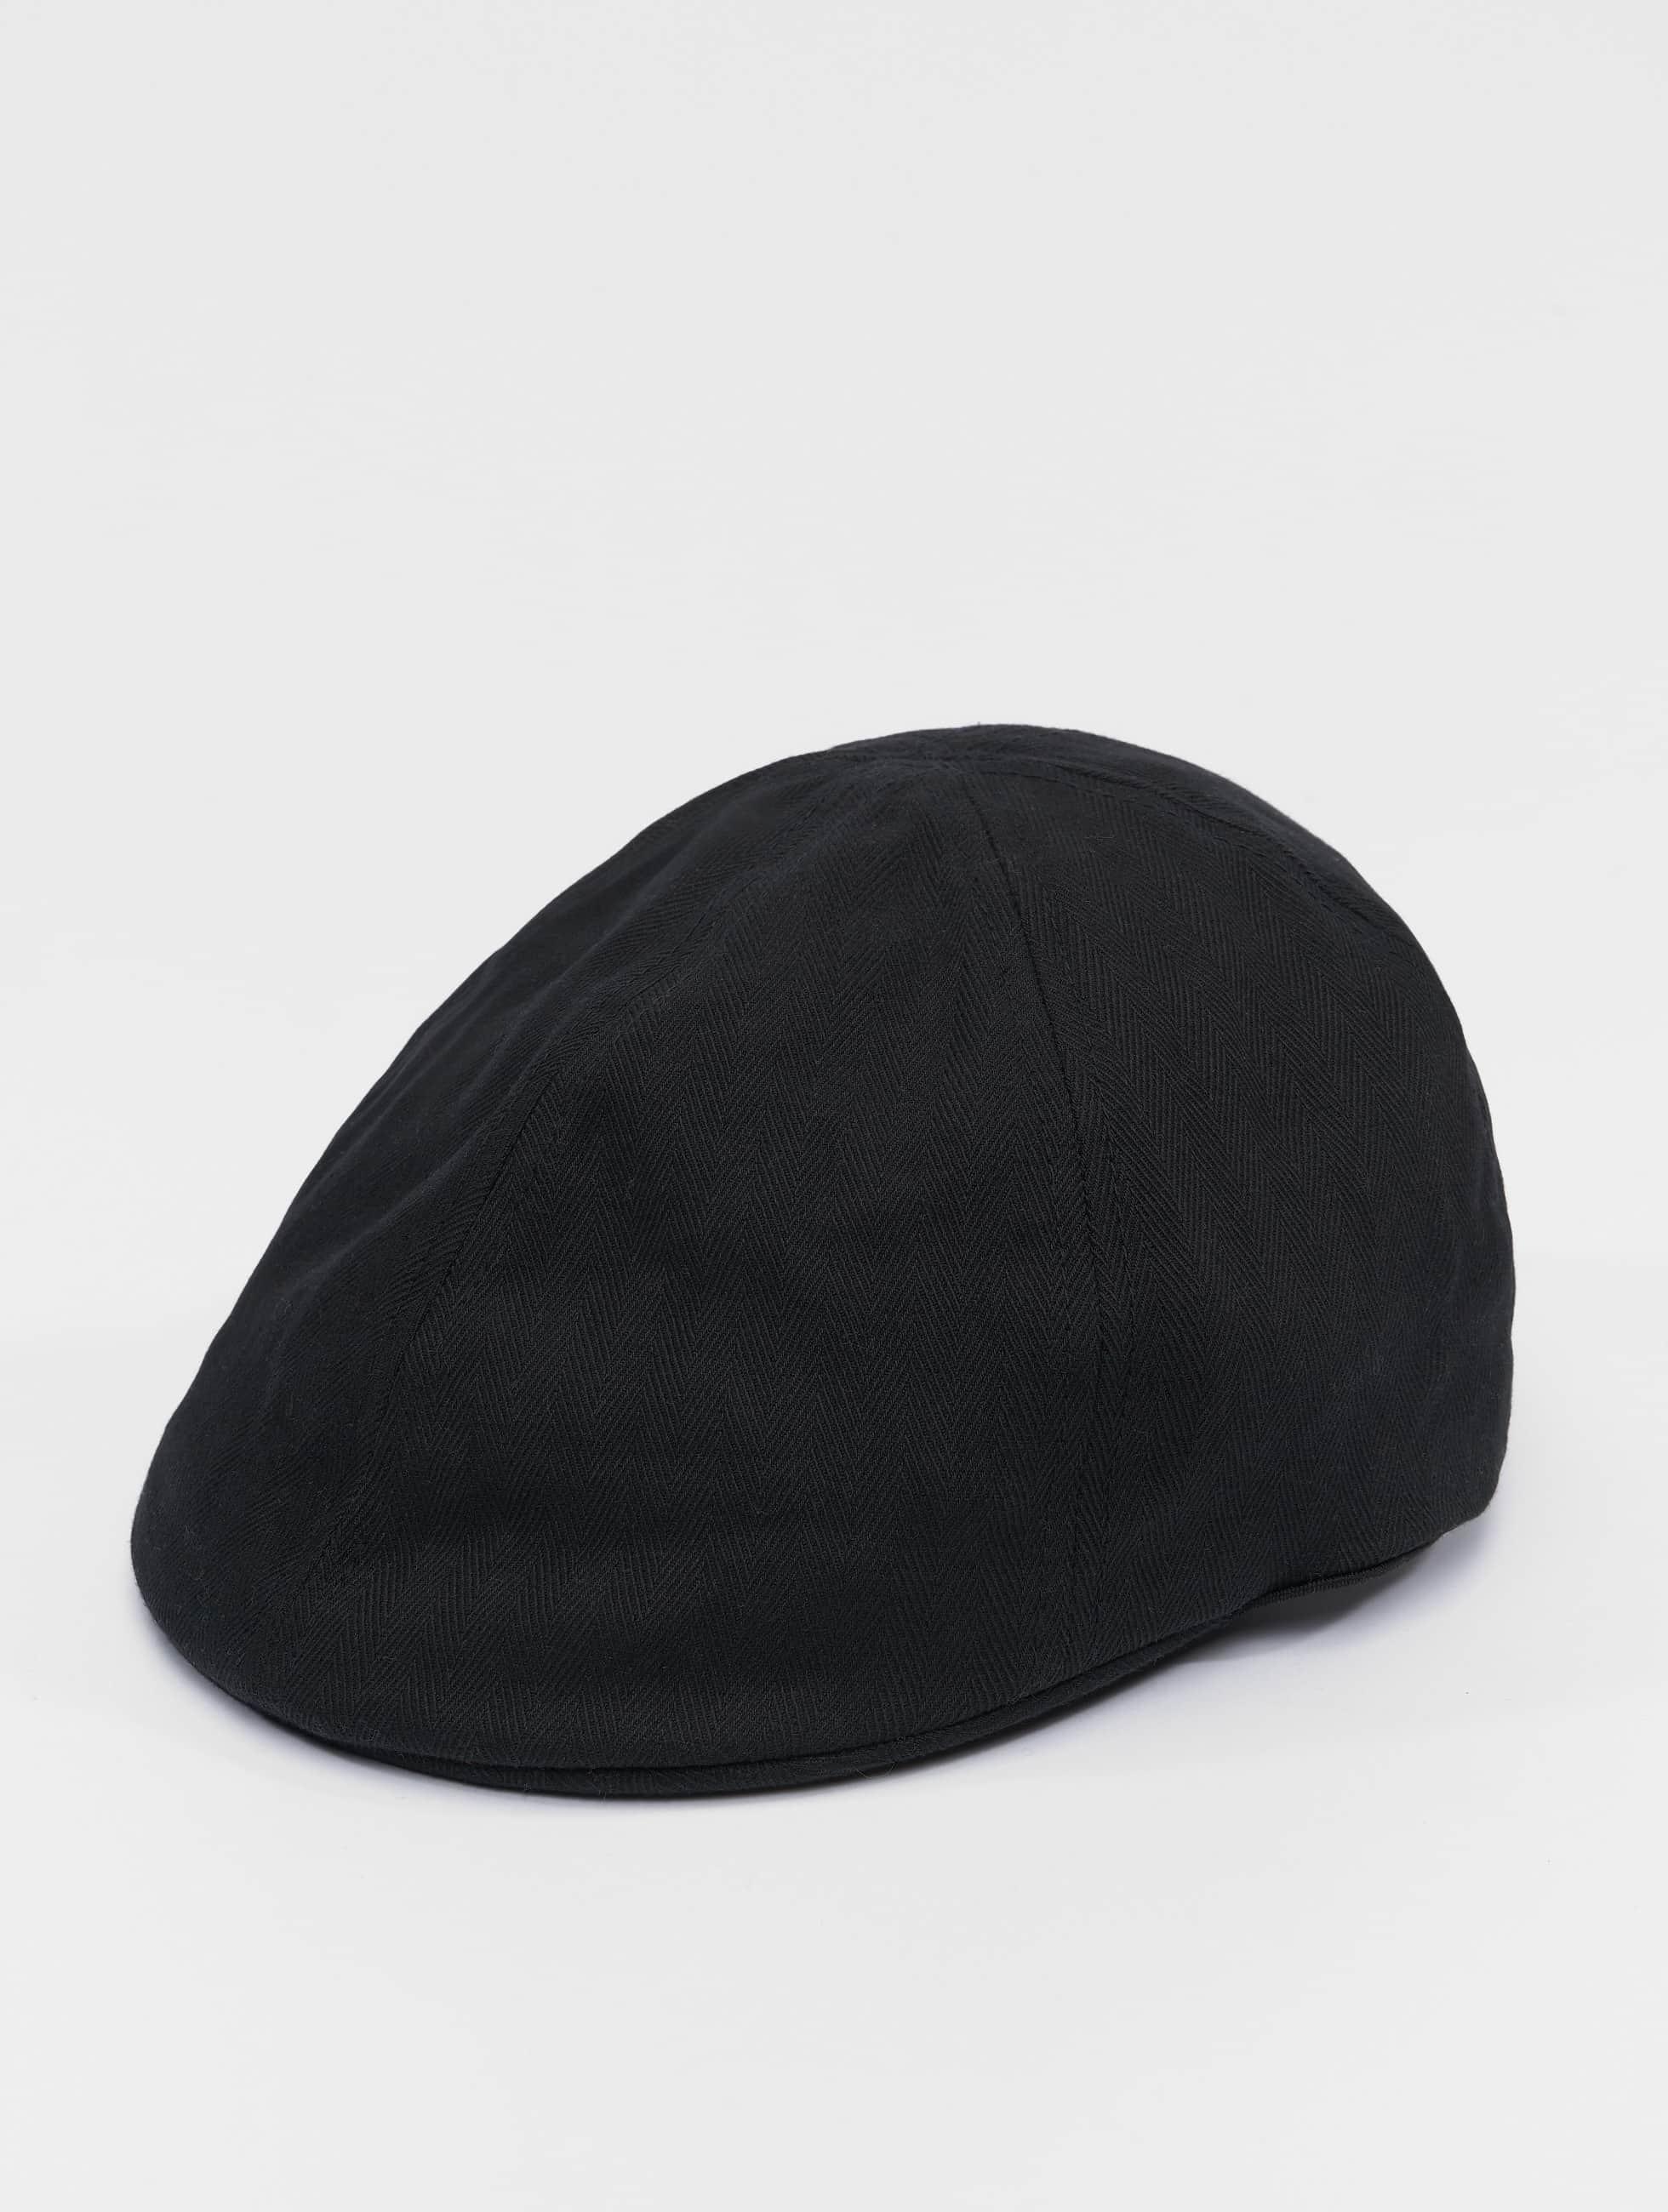 Flexfit Männer,Frauen Hut Driver in schwarz